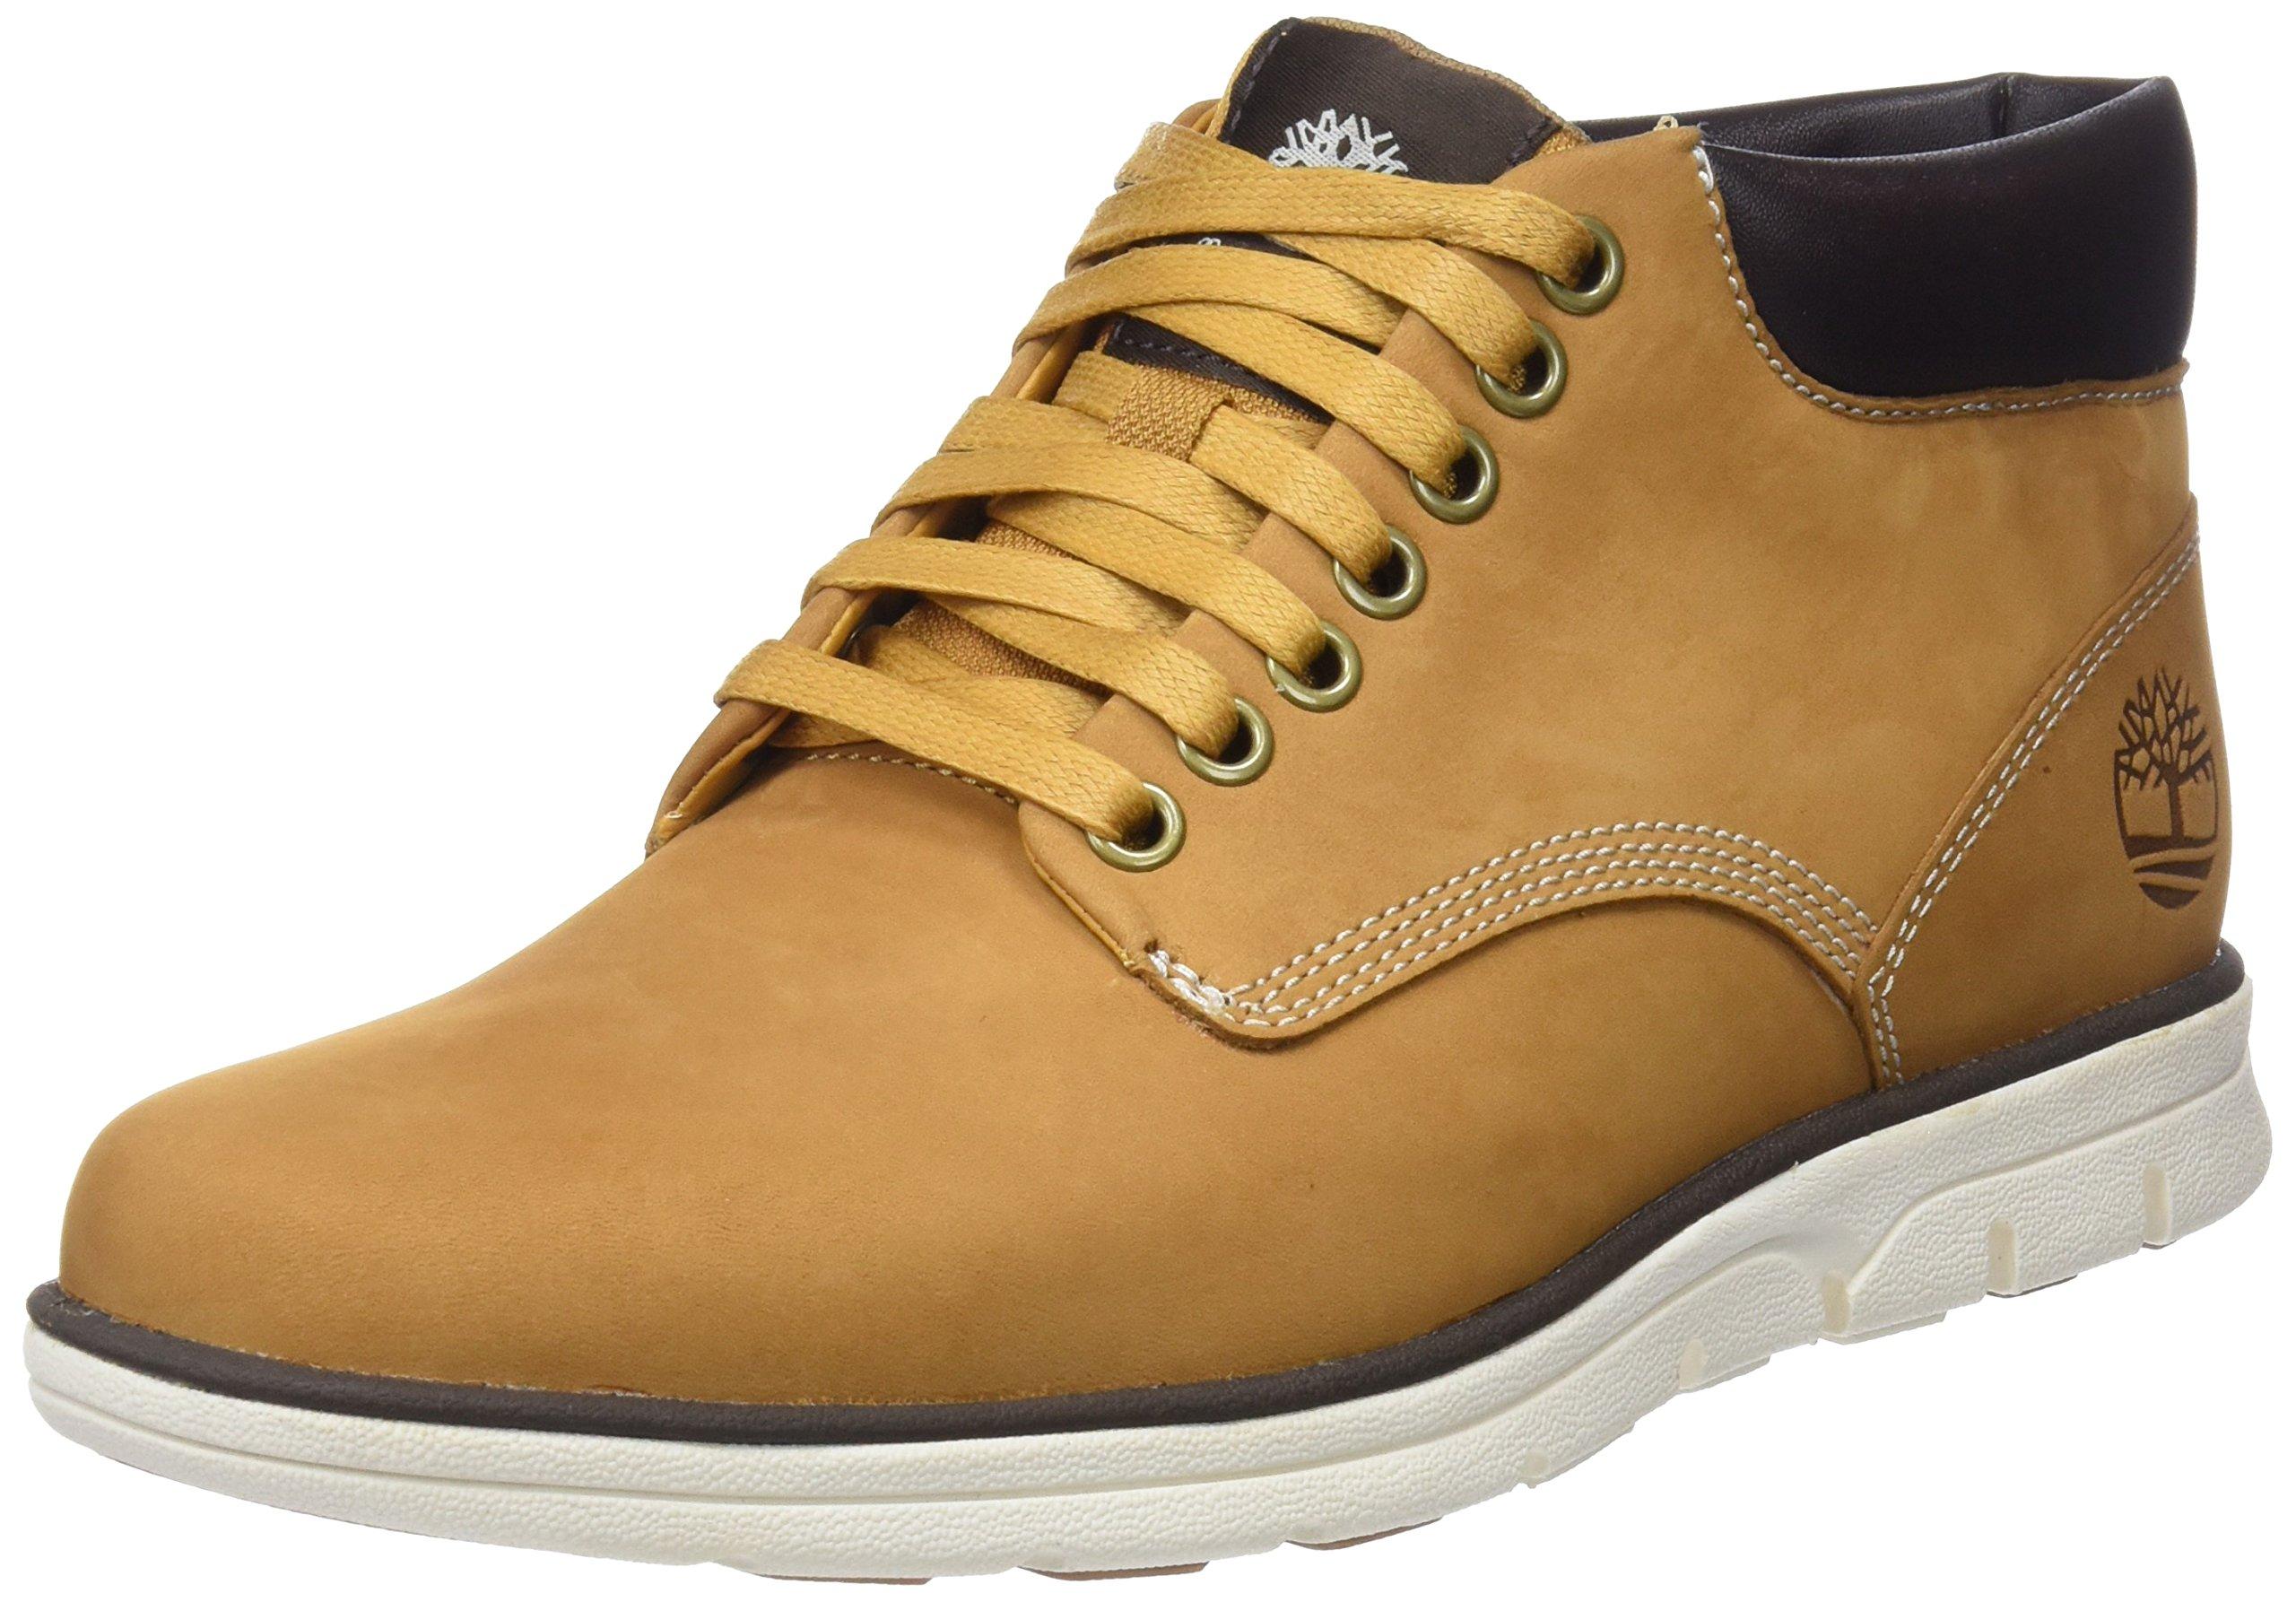 f7e78641bae Top Bottes et boots homme selon les notes Amazon.fr